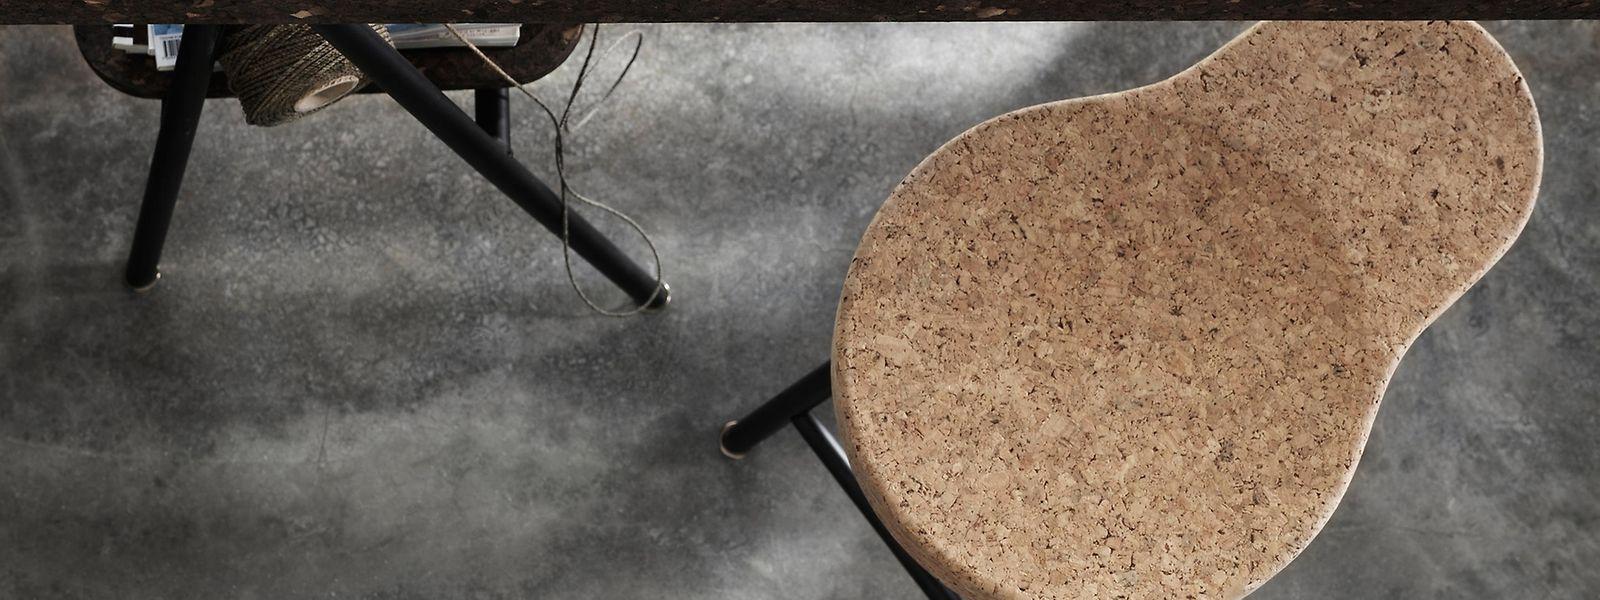 Designerin Ilse Crawford hat für Ikea eine Produktfamilie mit Korkmöbeln entworfen, dazu gehören Sitzmöbel und ein Tisch.